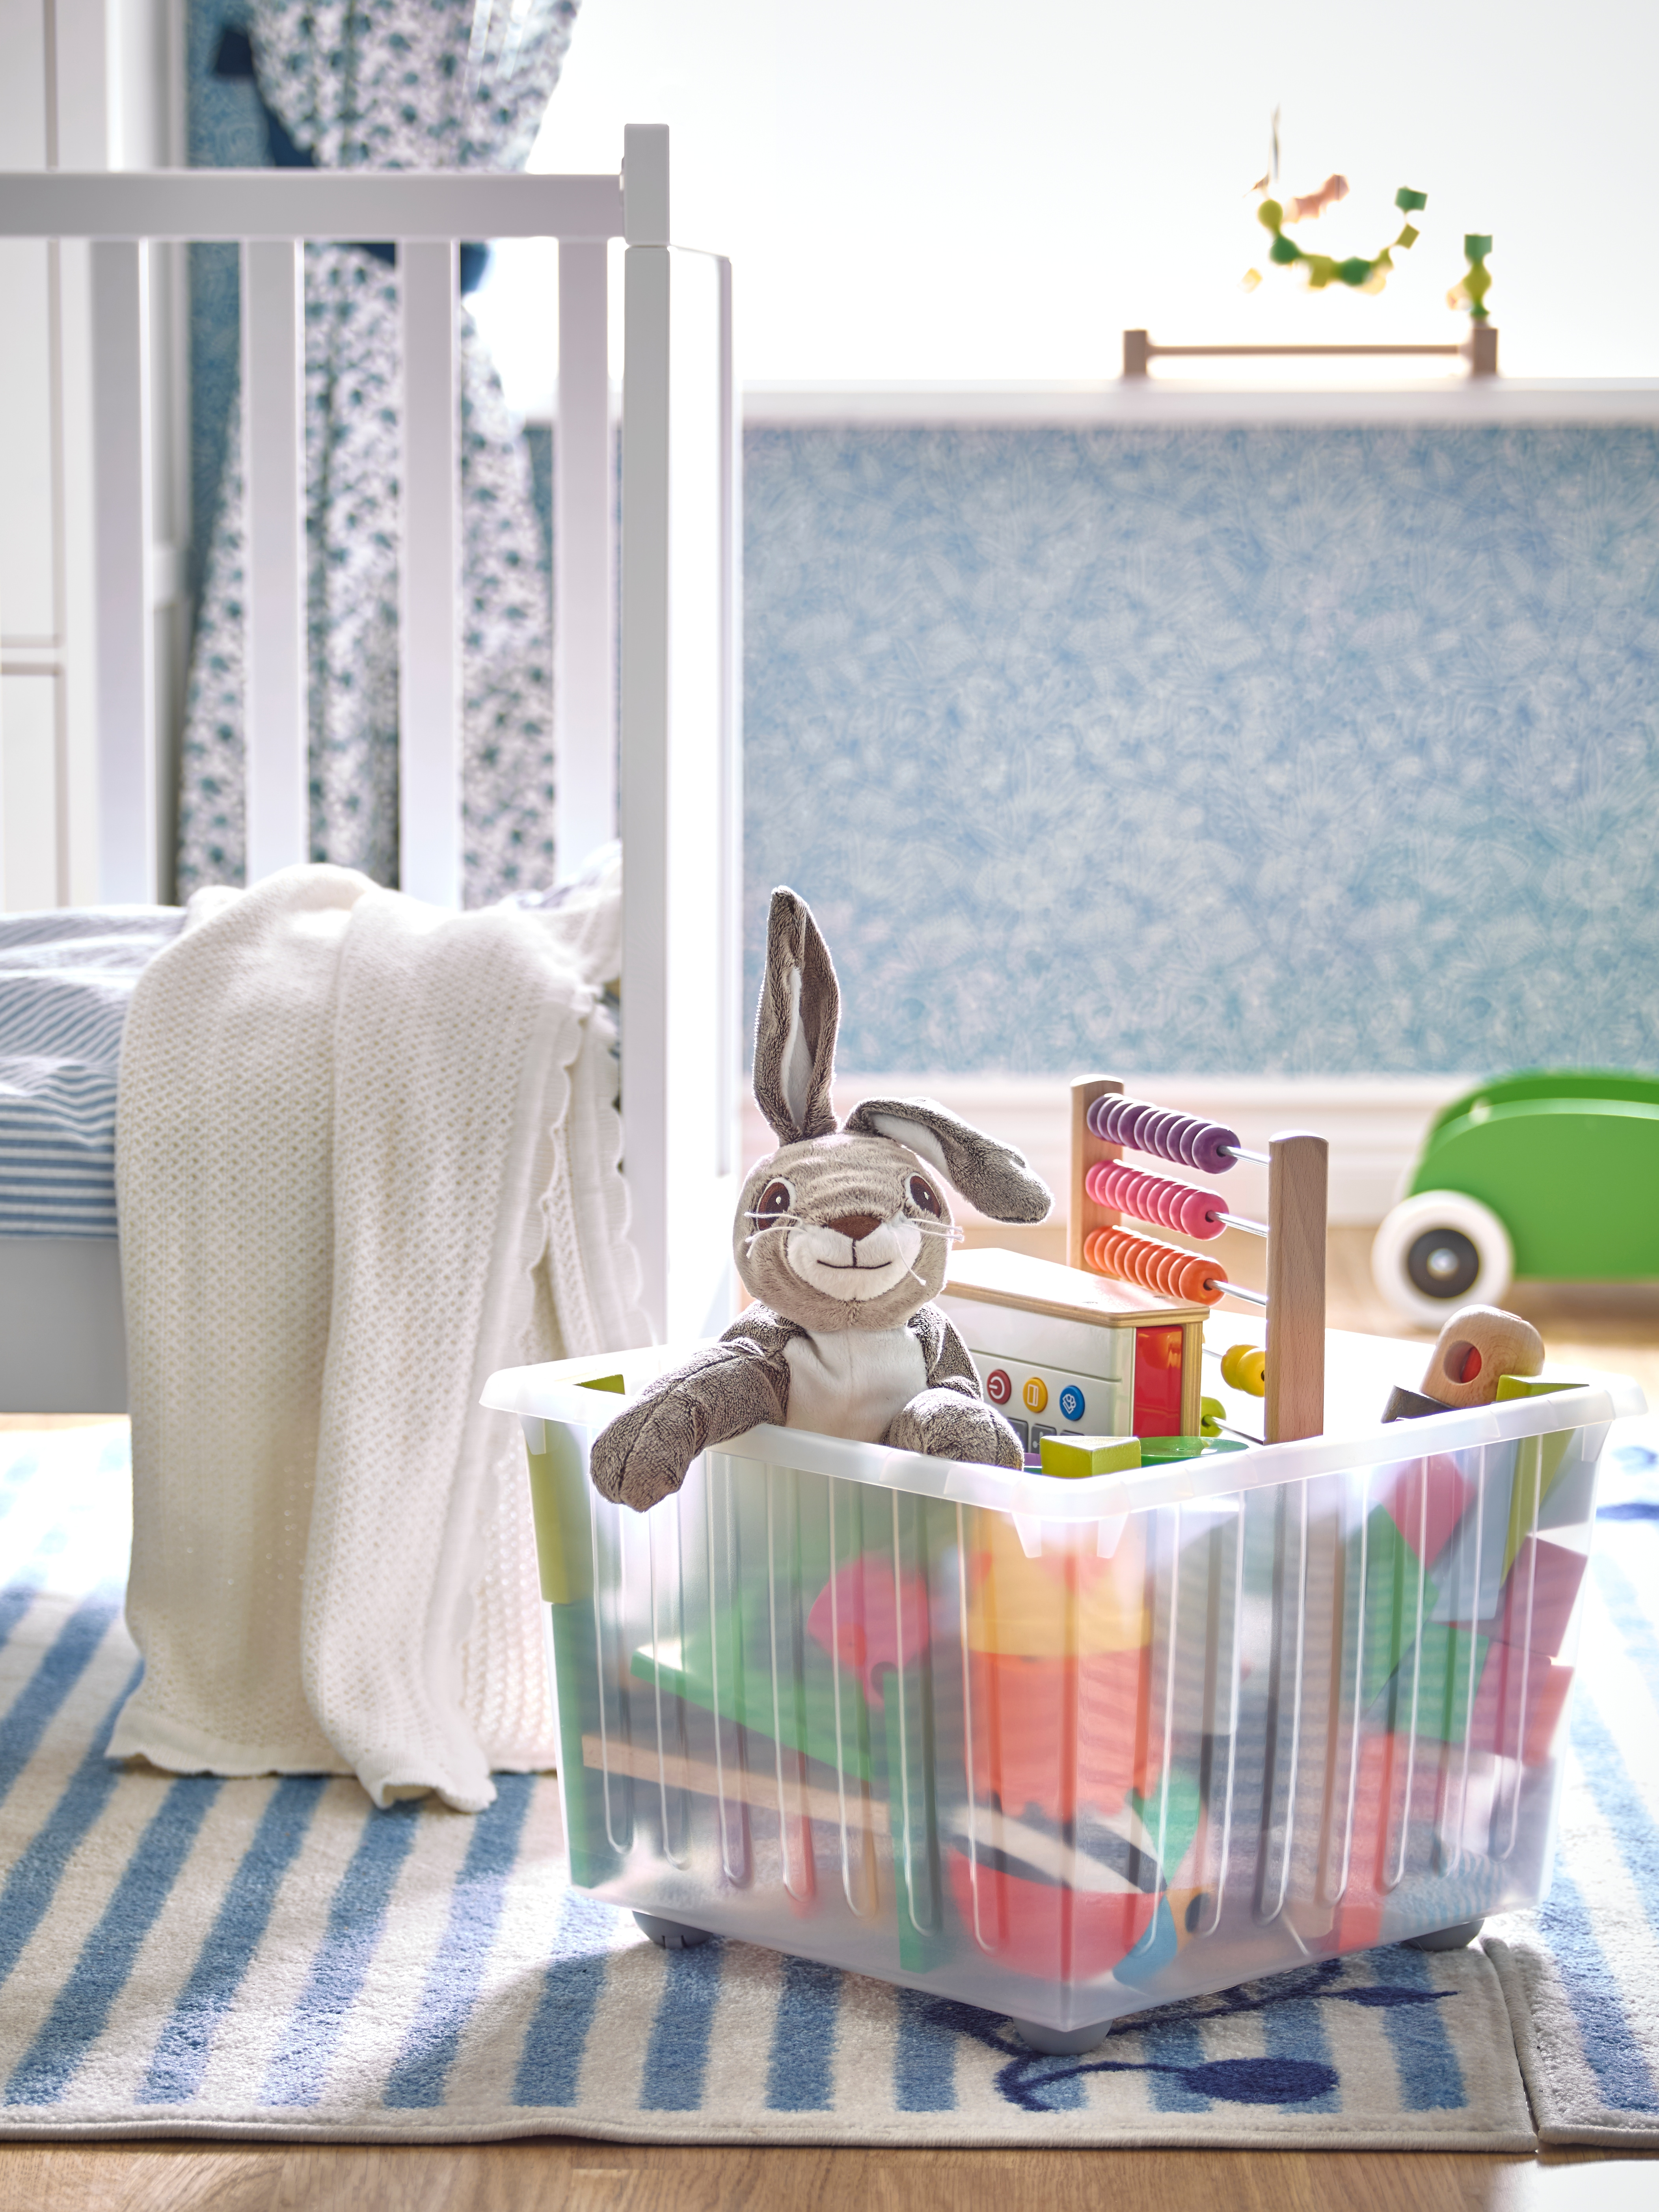 Kvadratni VESSLA bijeli plastični sanduk za odlaganje na kotačićima u kojima su šarene dječje igračke na plavo-bijelom prugastom tepihu pored dječjeg krevetića.